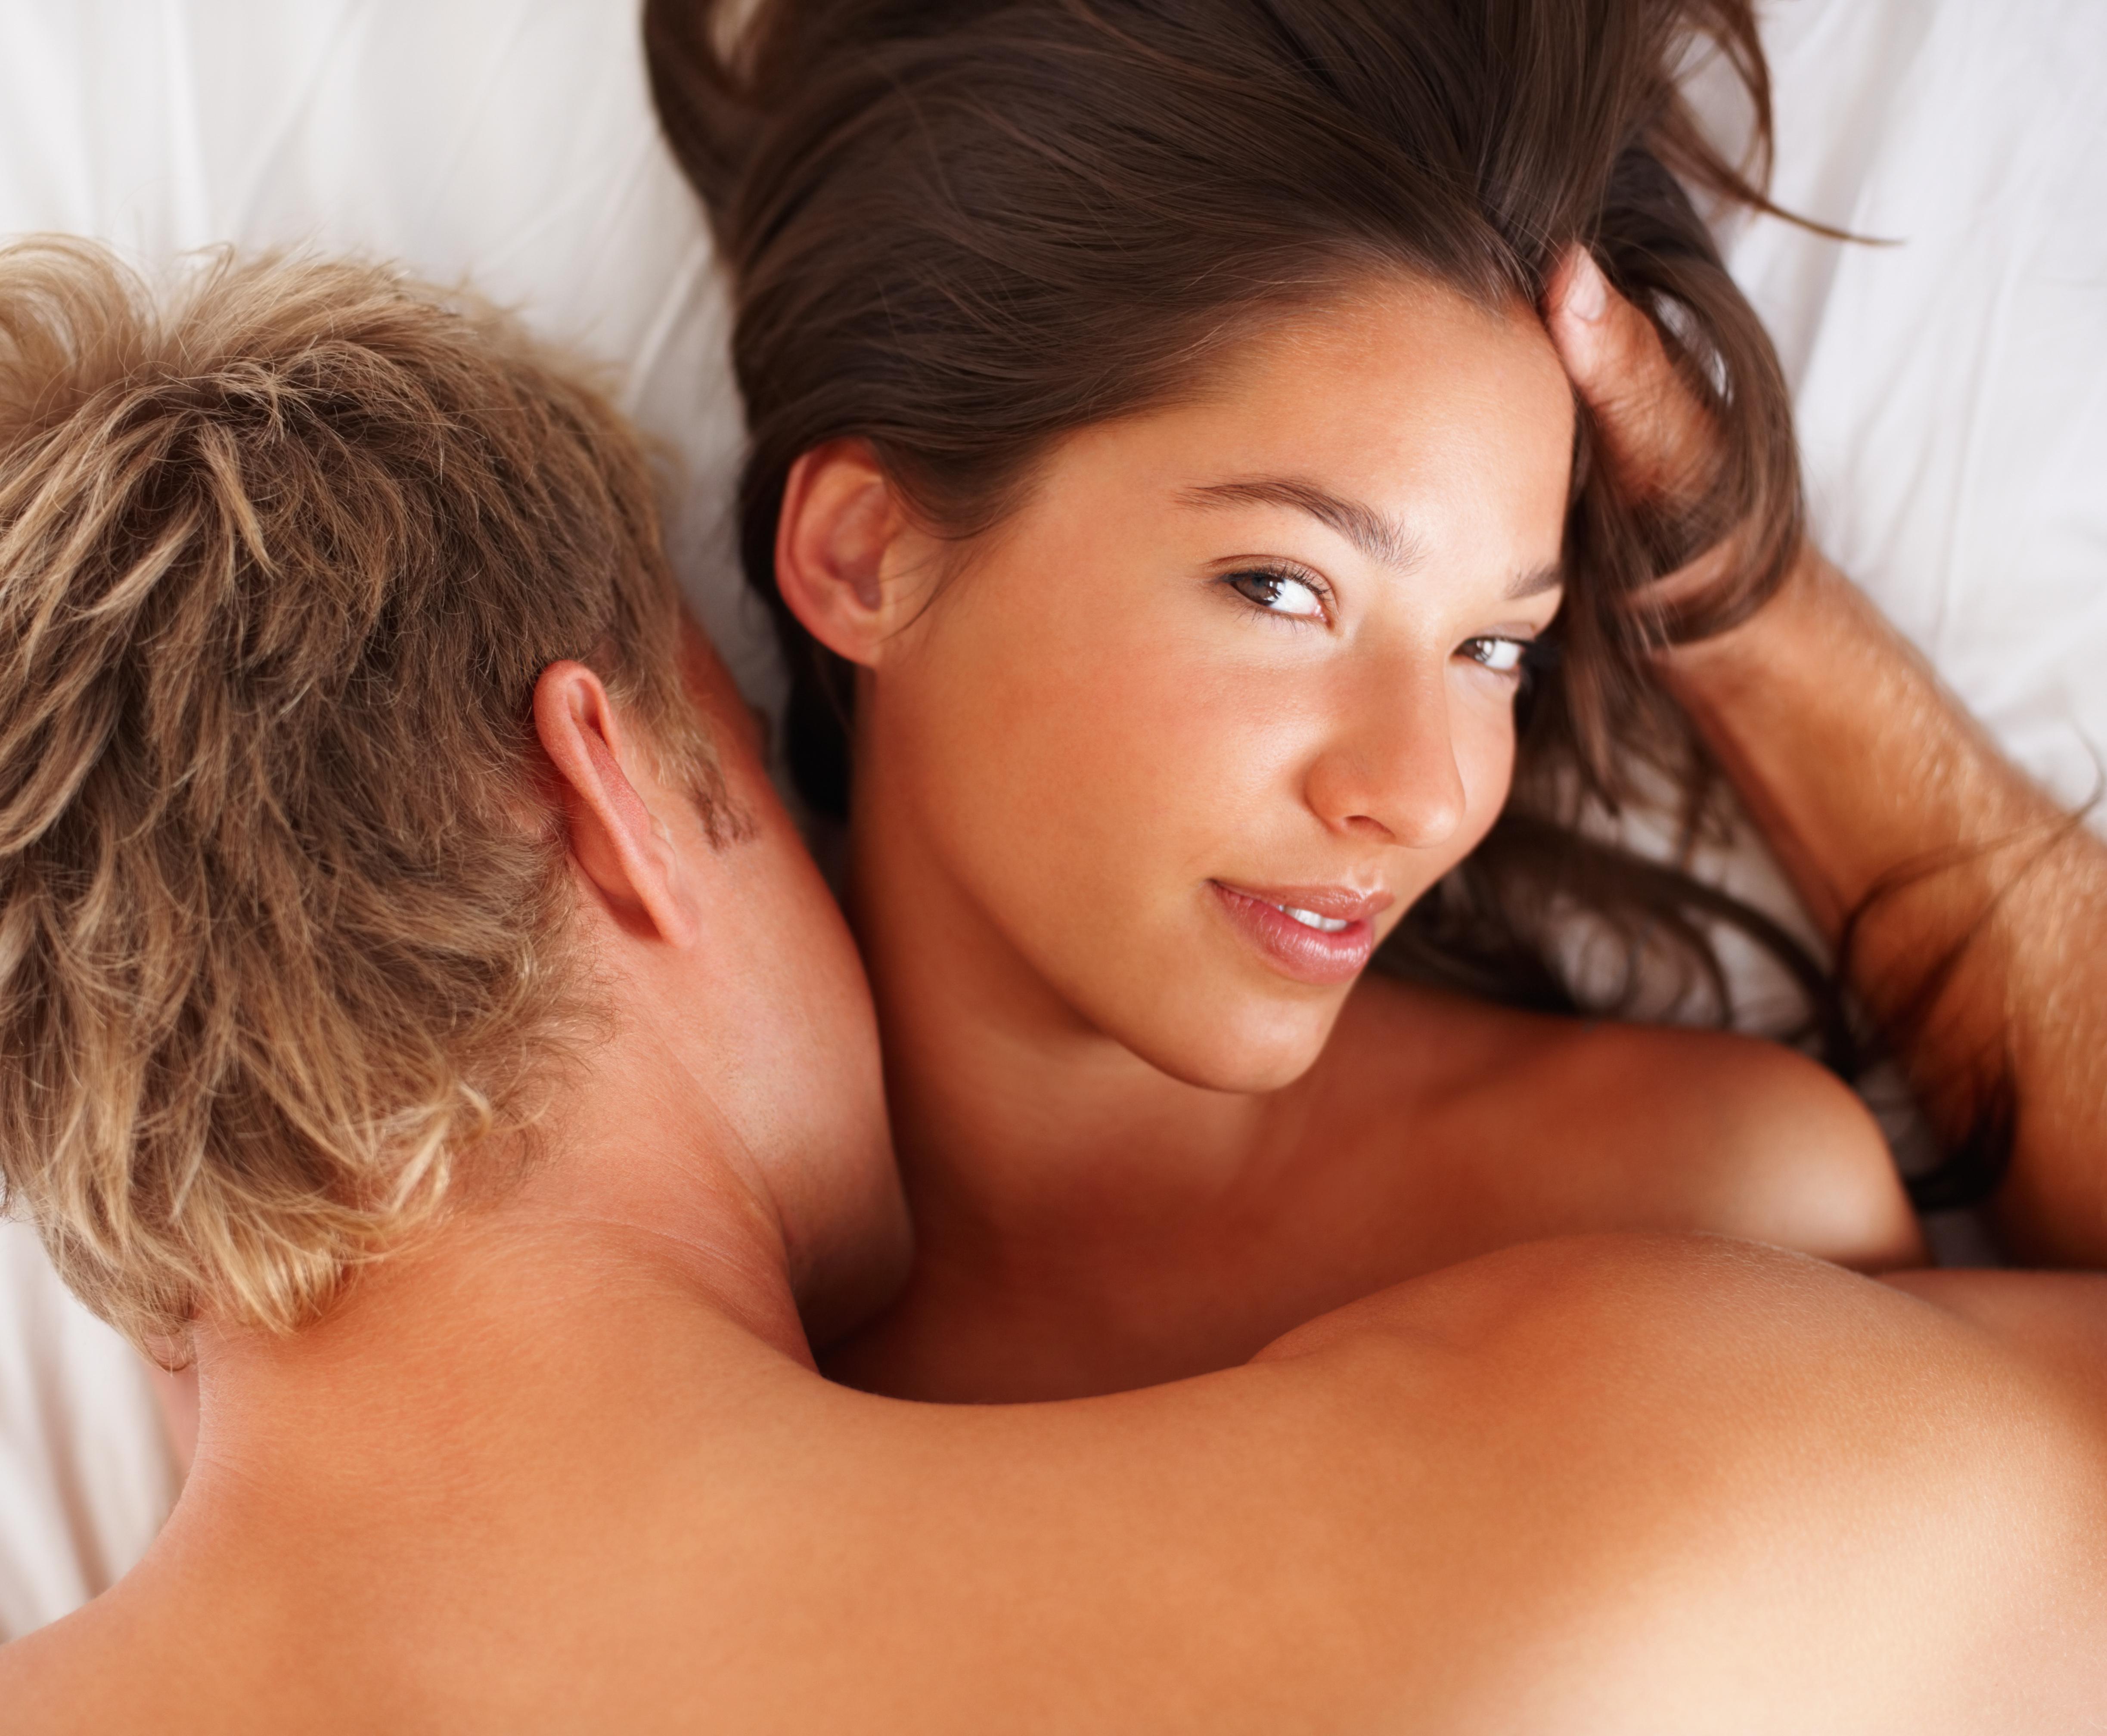 Почему девушки мастурбируют, Почему девушки мастурбируют реже парней? 4 фотография